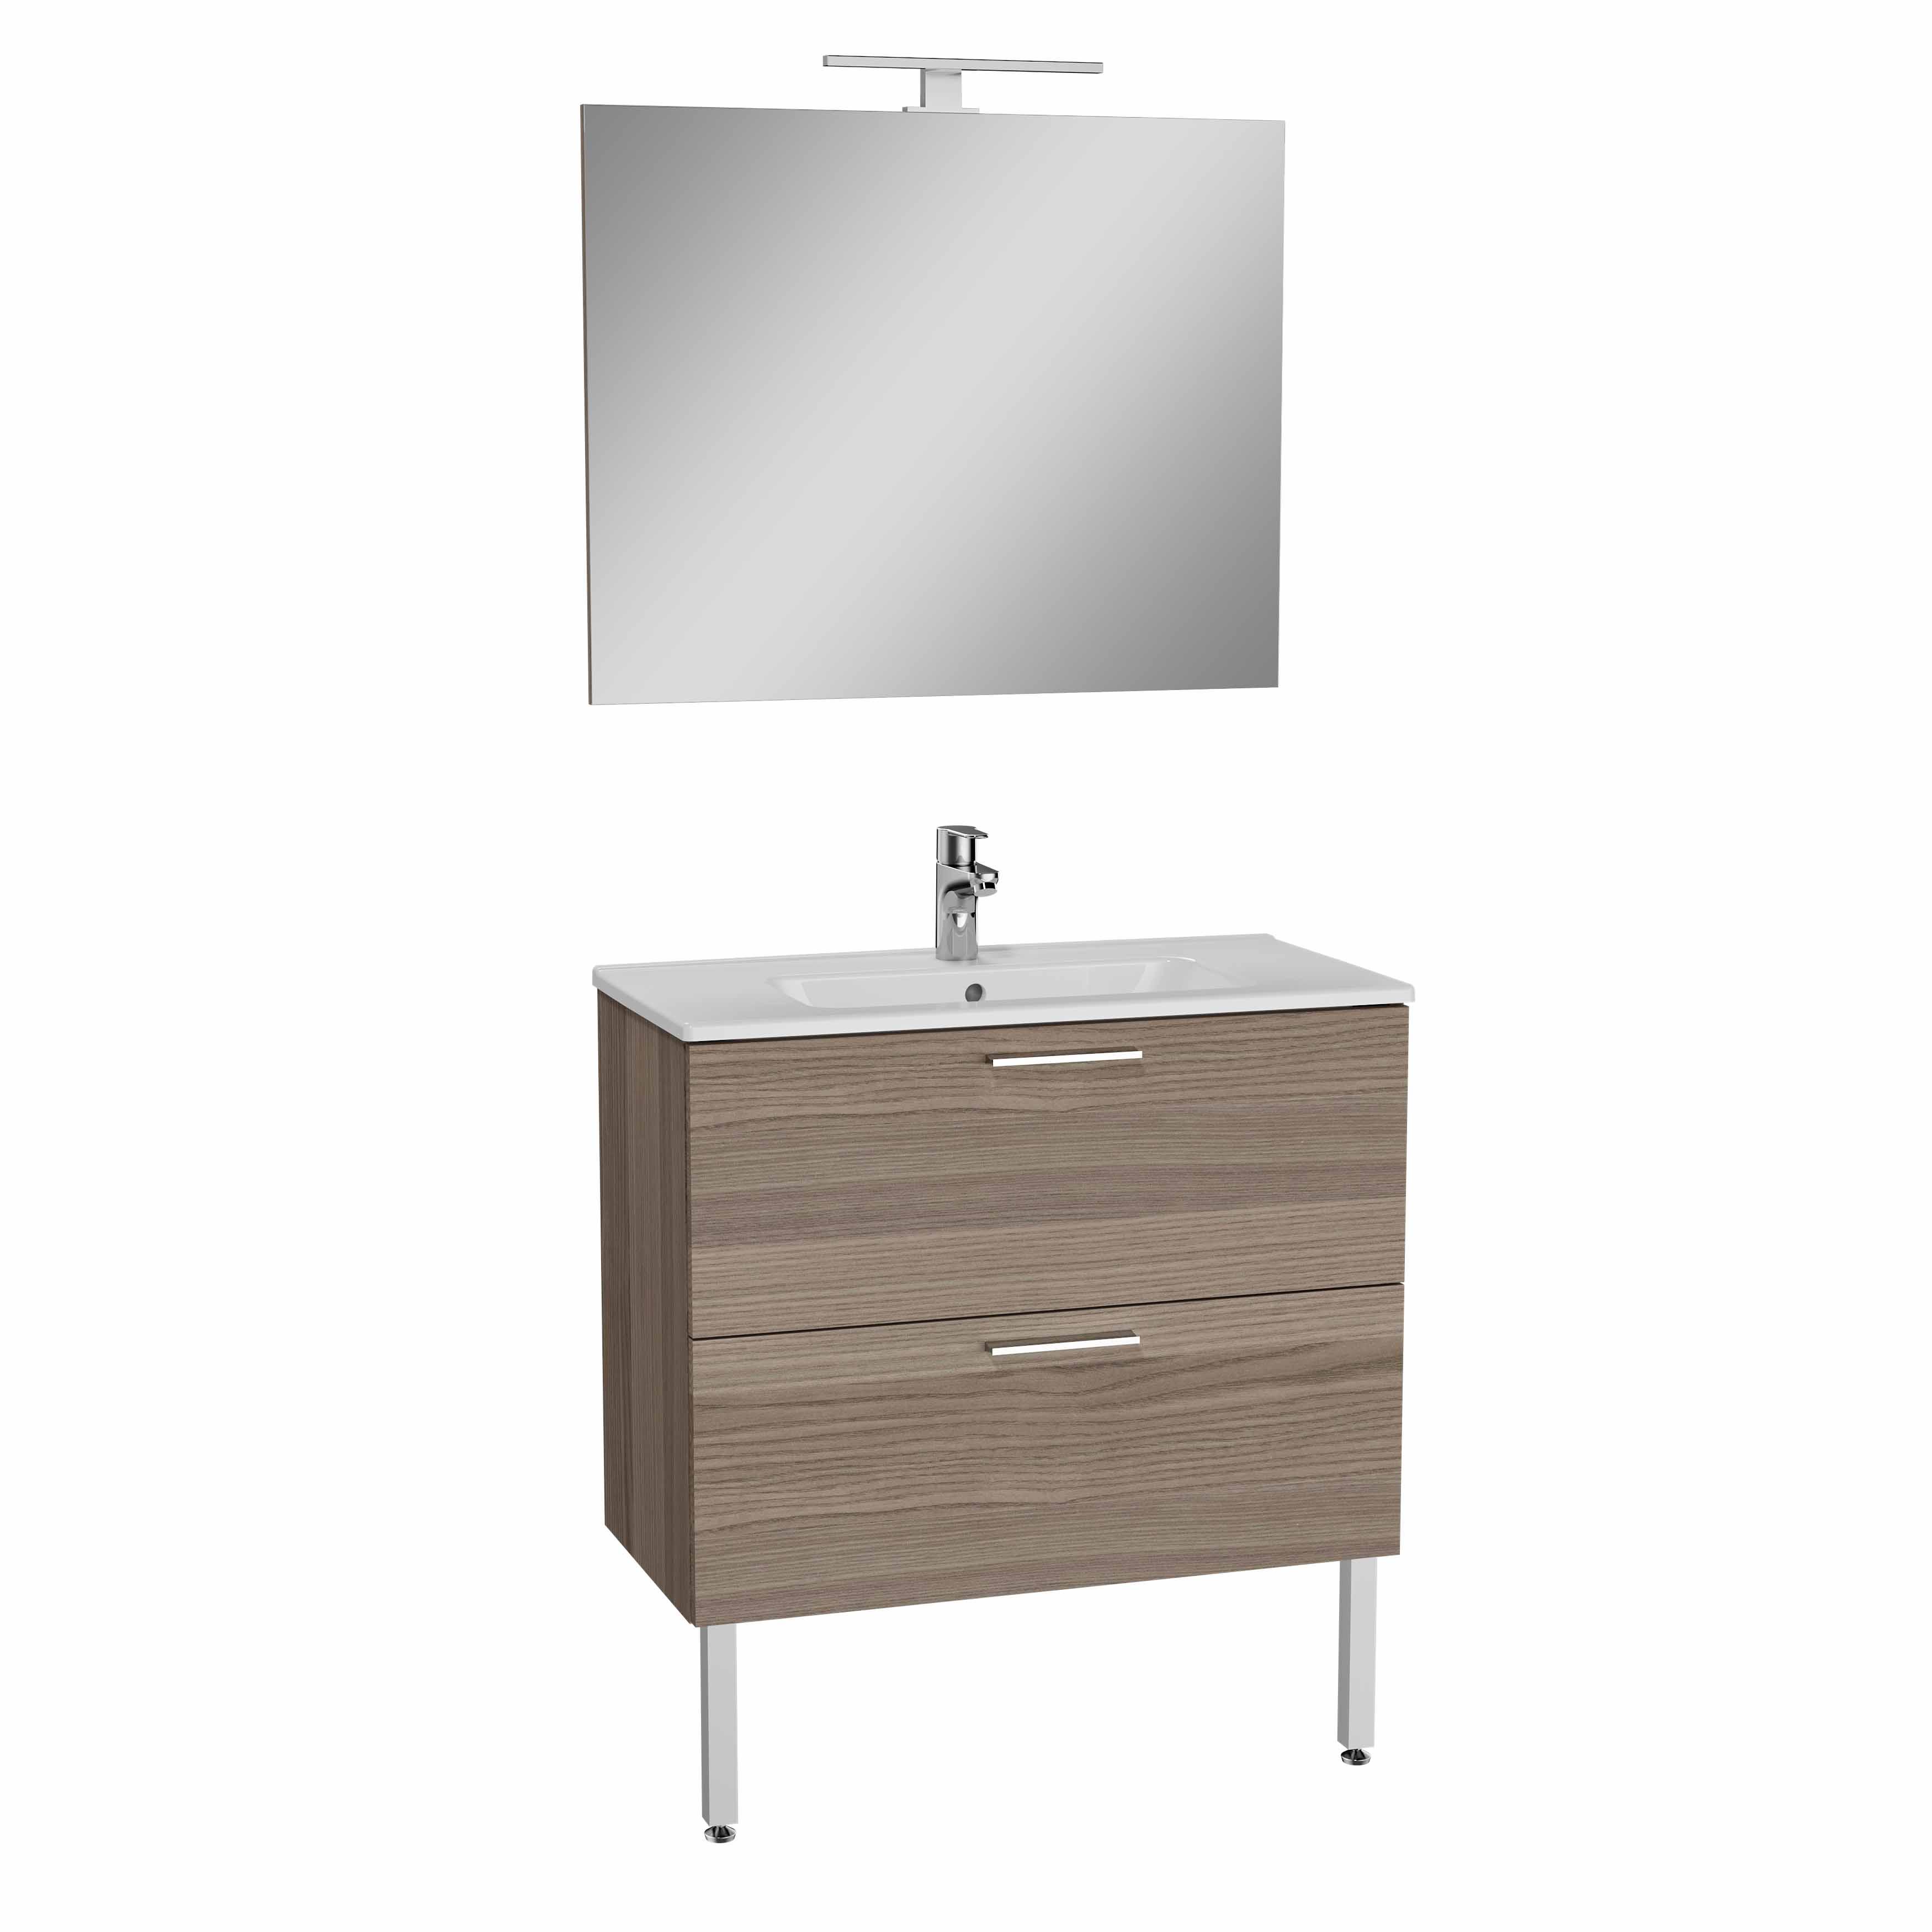 Mia set de meuble, avec 2 tiroirs, 80 cm, cordoba